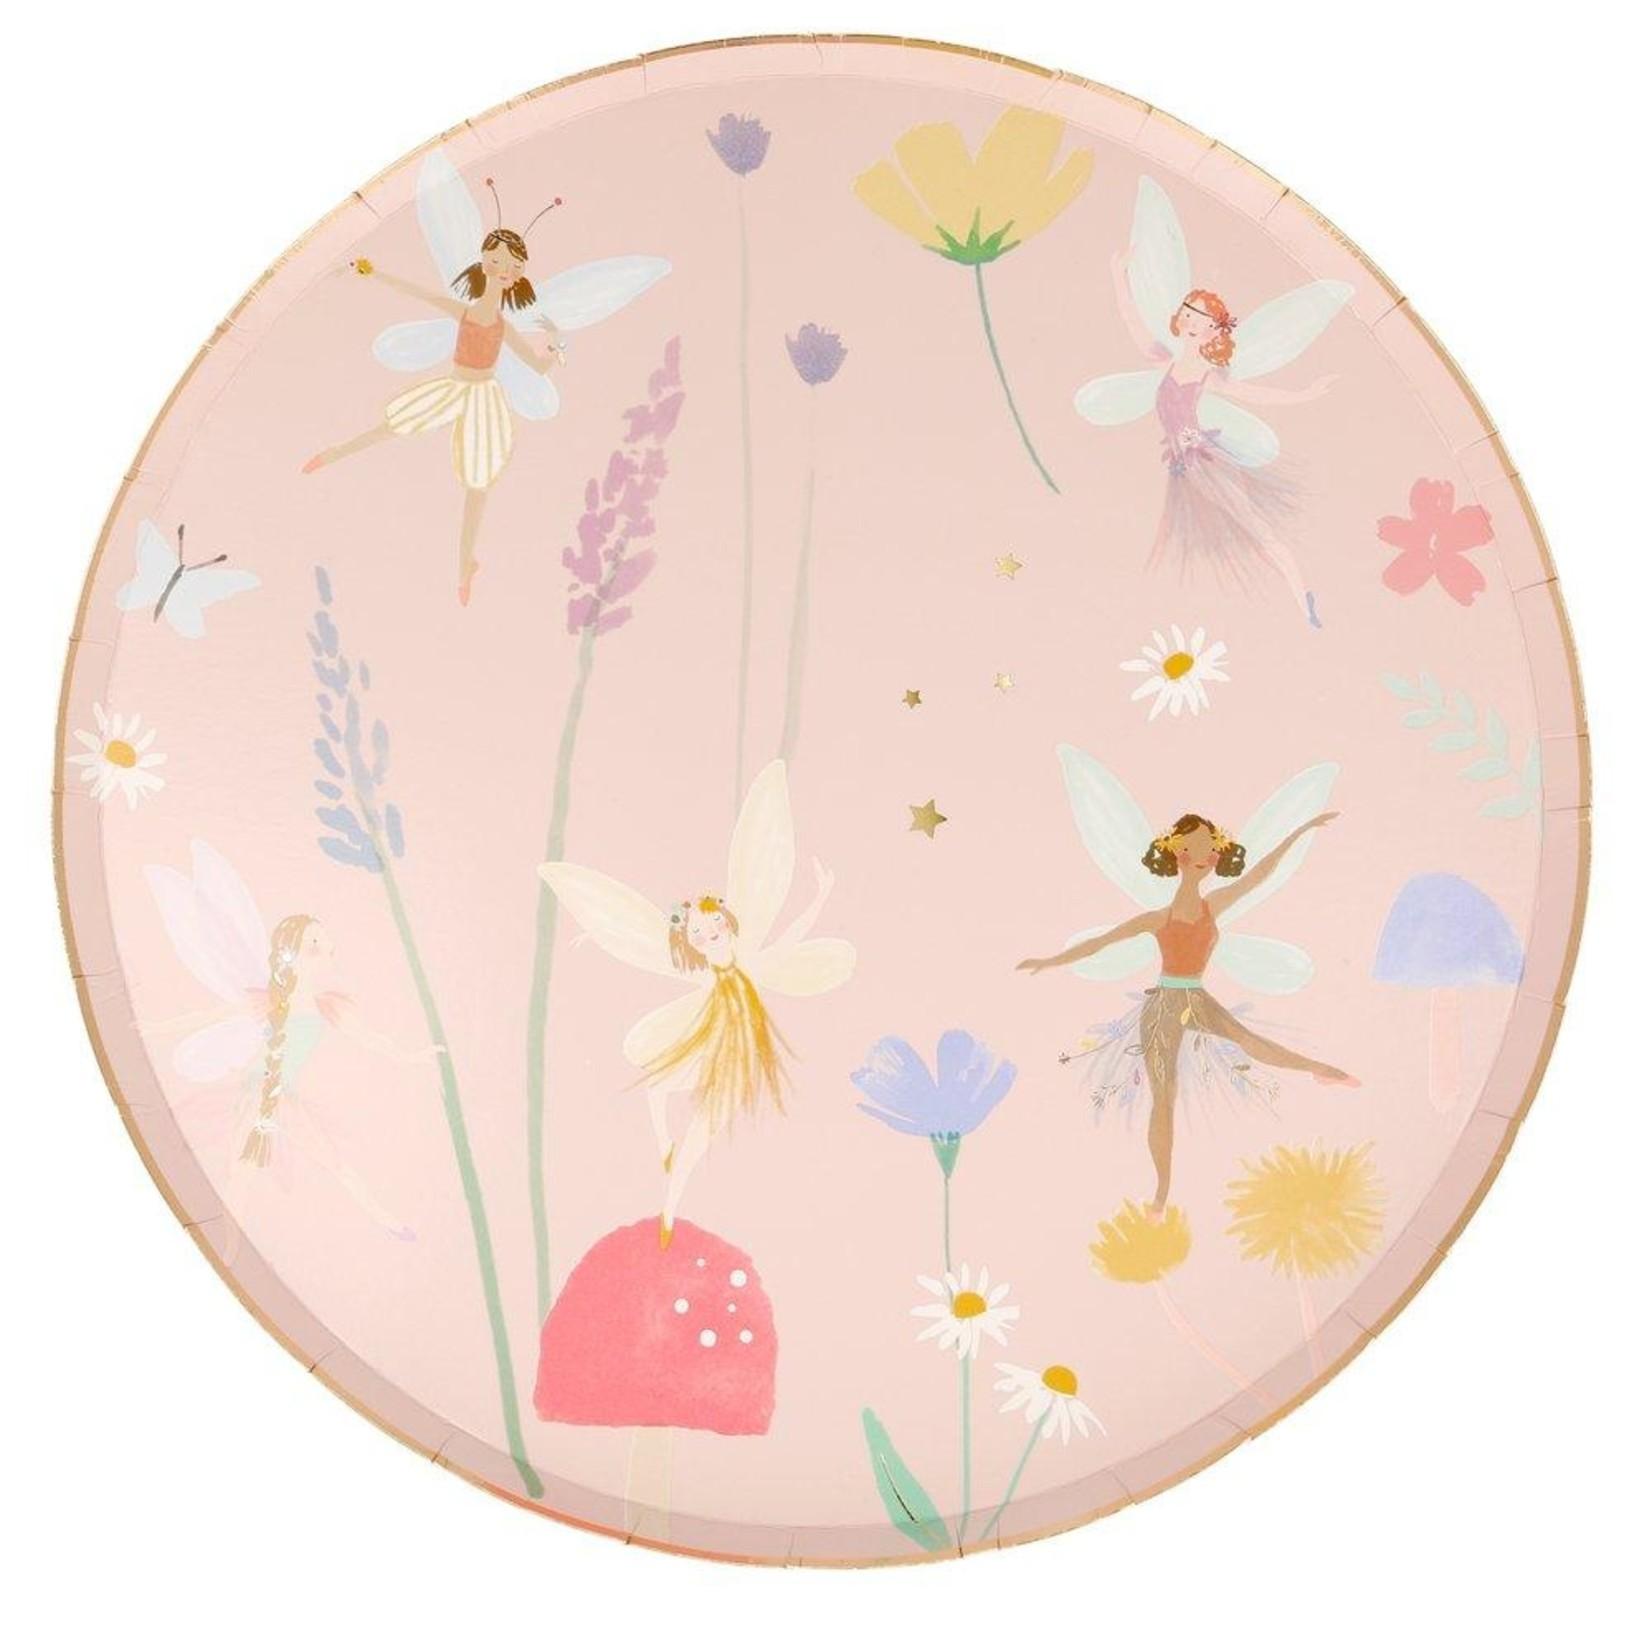 Meri Meri Fairy Dinner Plates (set of 8)